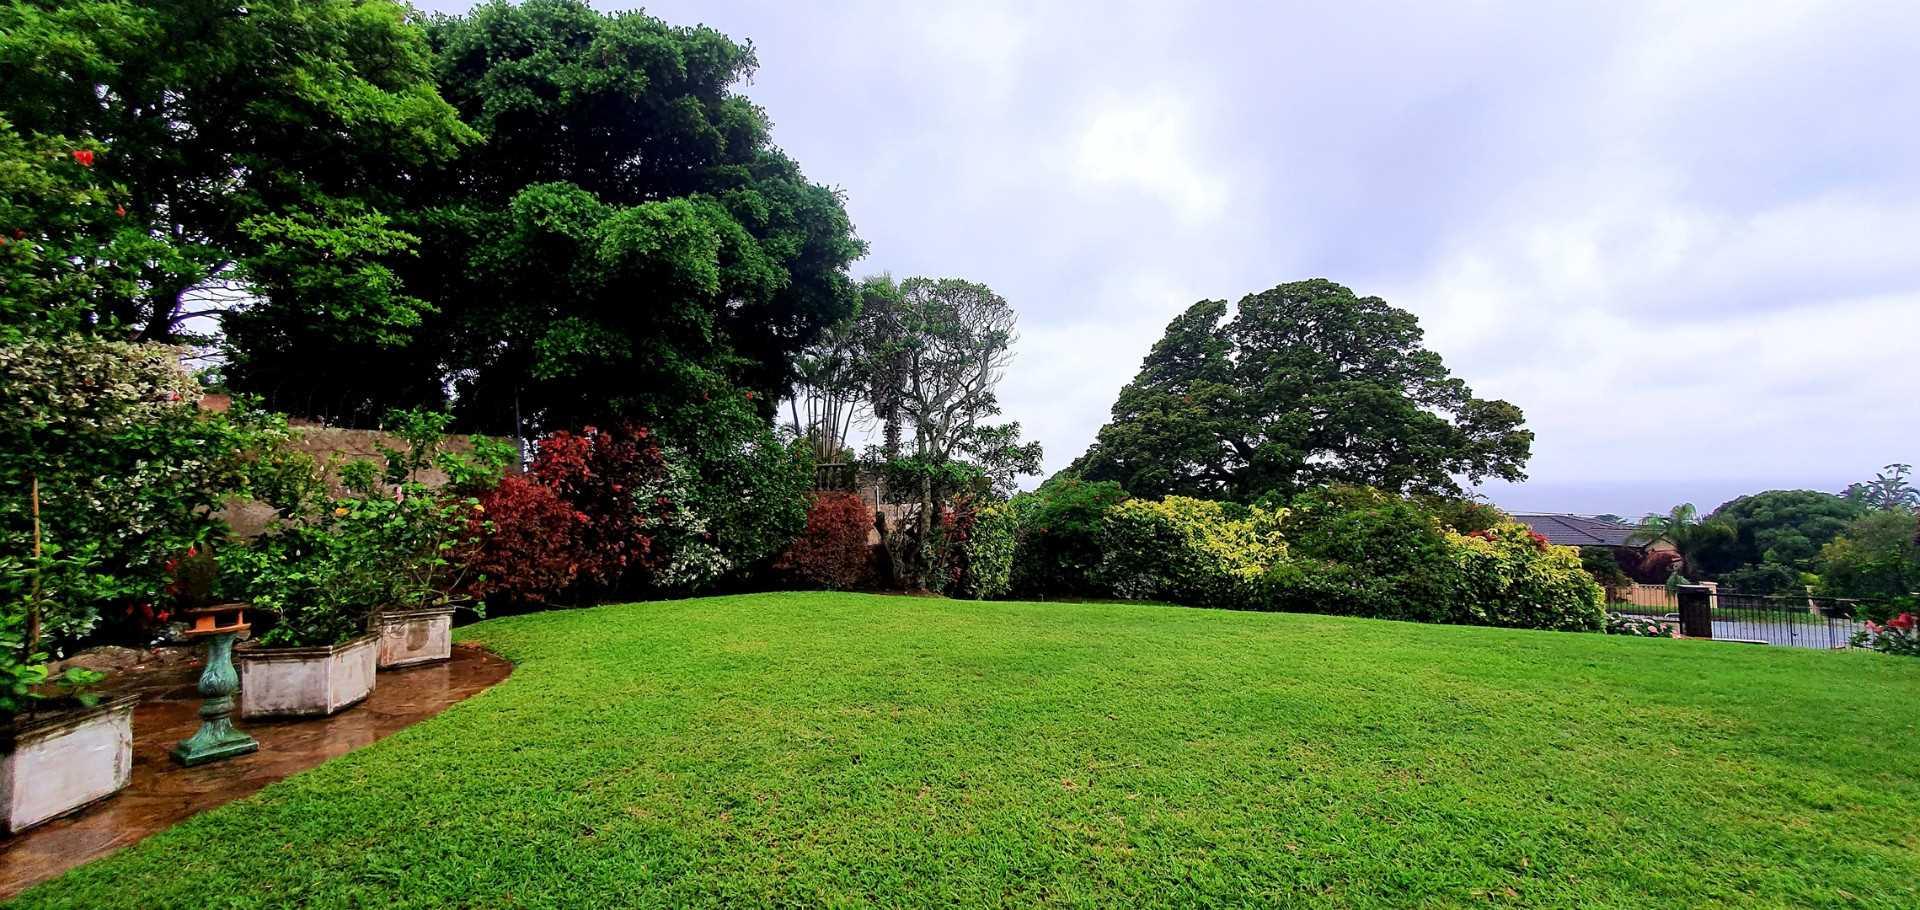 Immaculate garden in Scottburgh Central